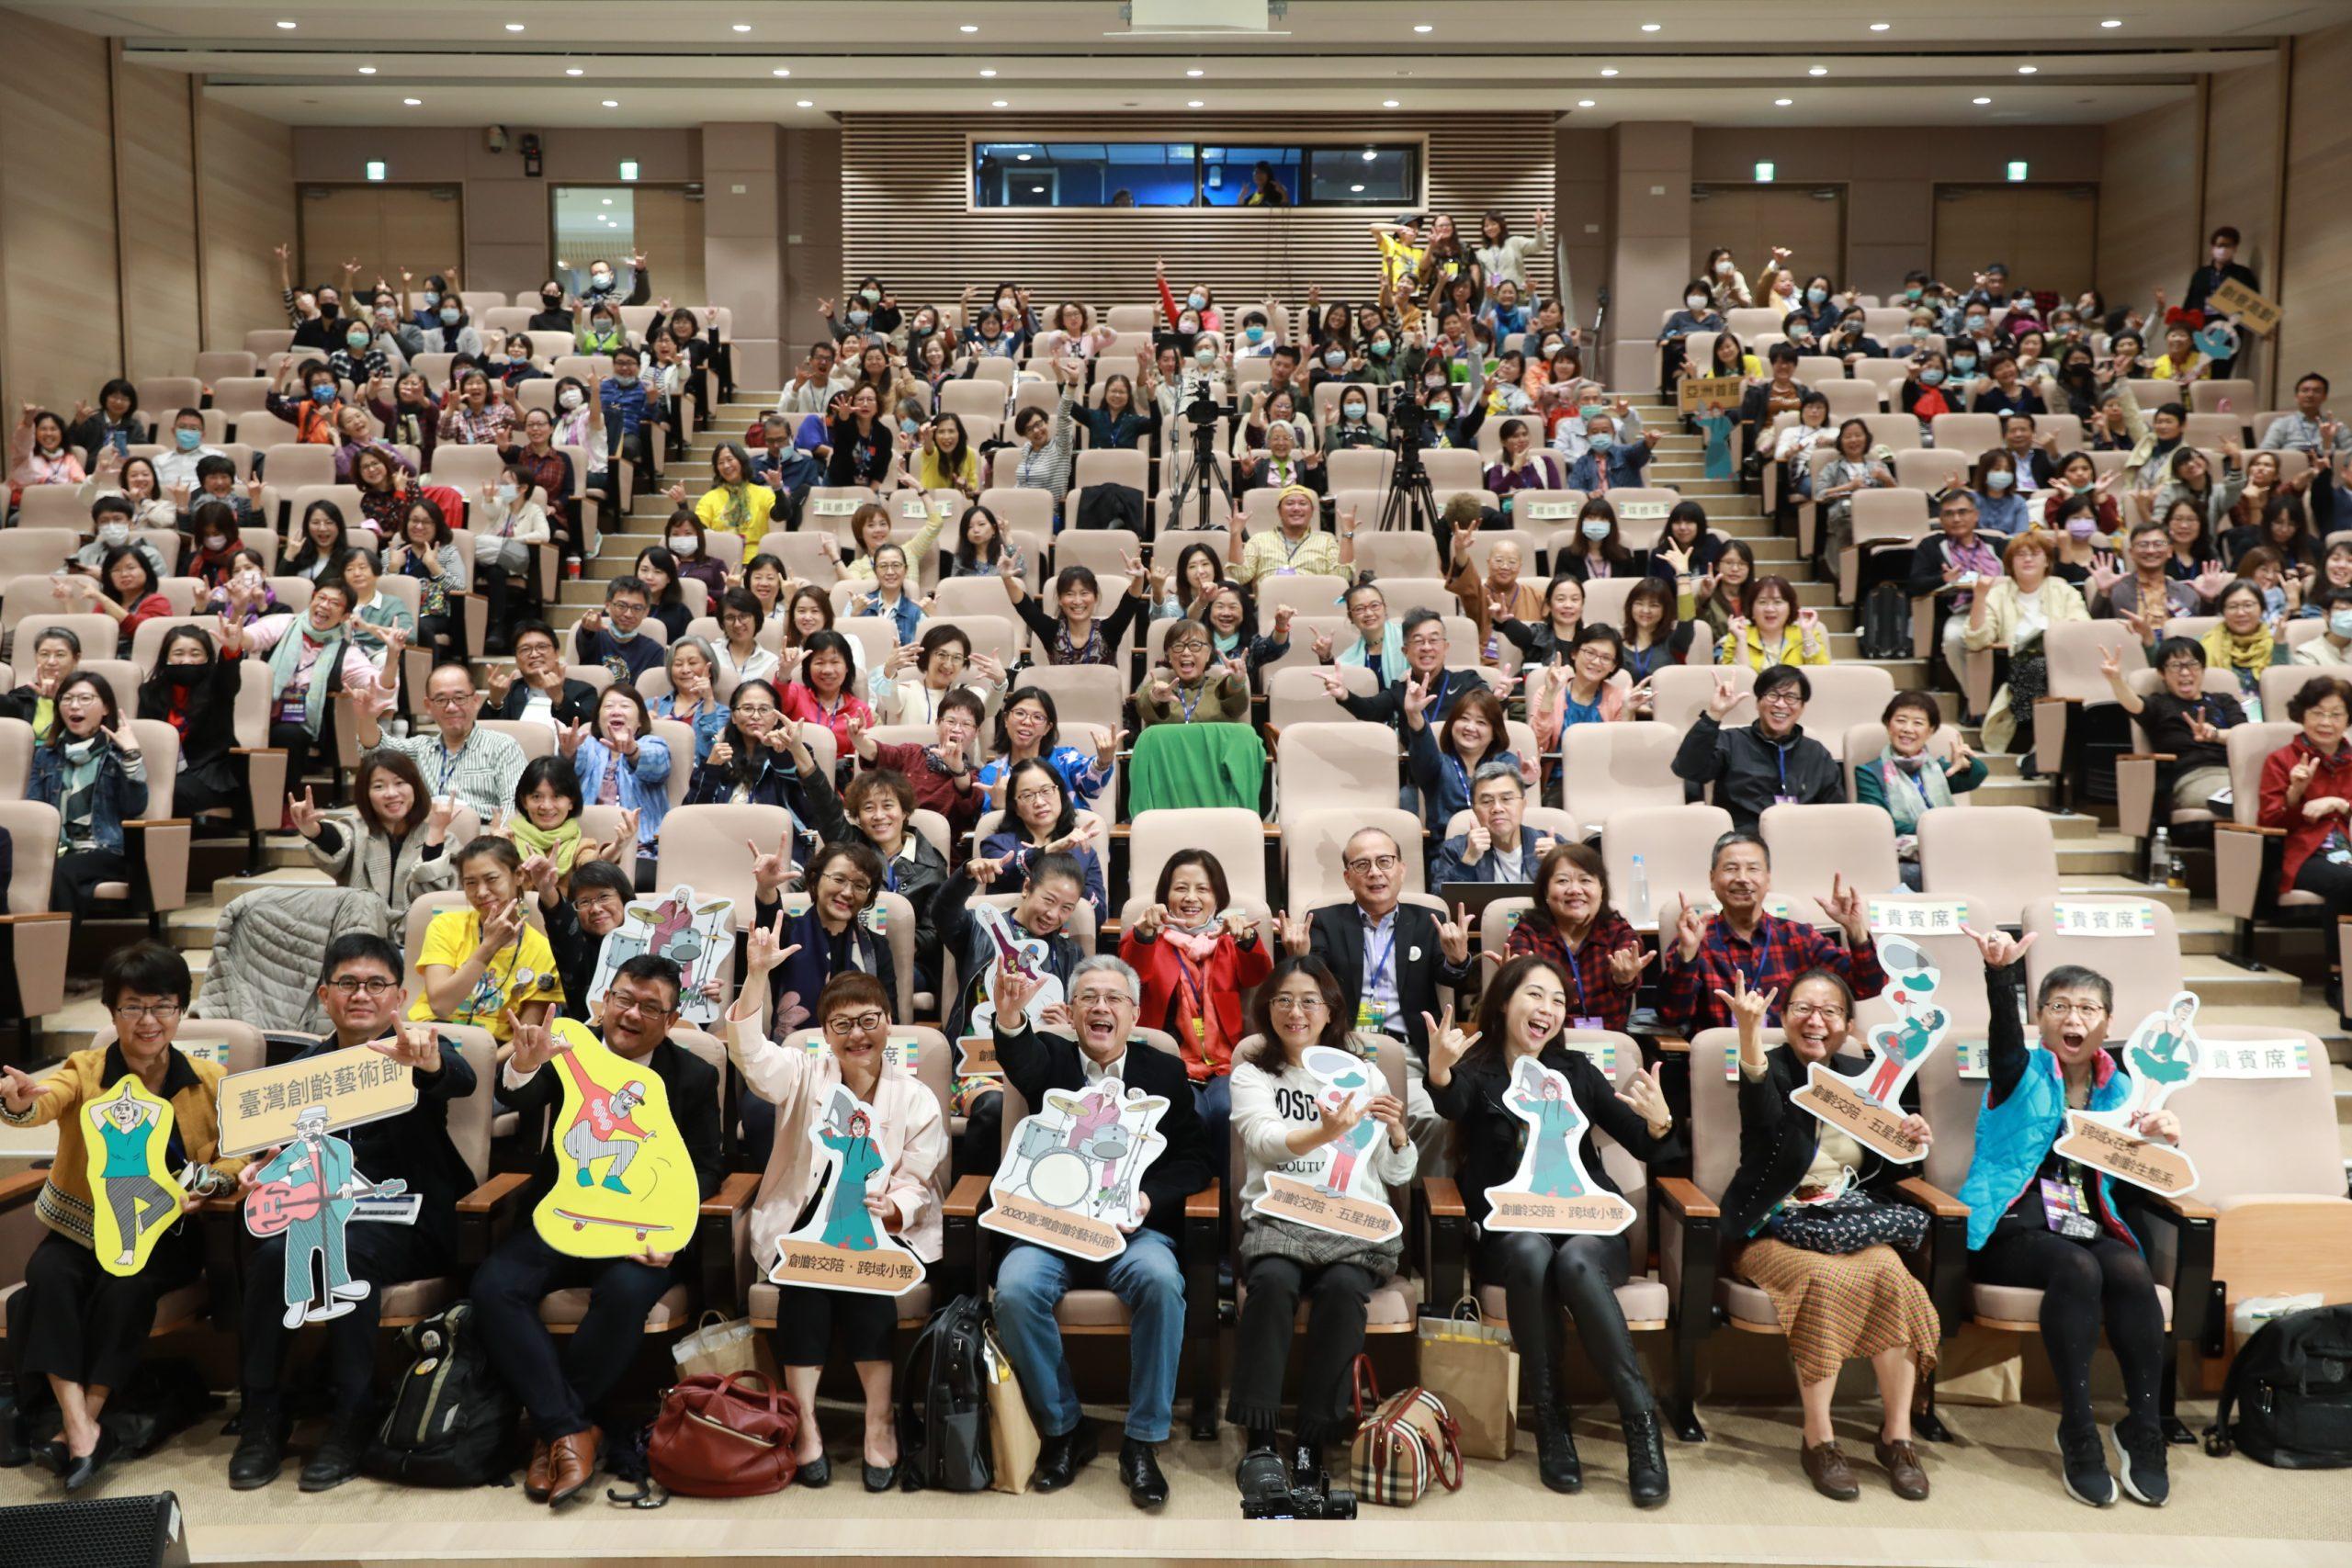 全台首次創意高齡跨域專業大型論壇11月13日熱鬧登場,集結創齡夥伴為超高齡社會超前部署